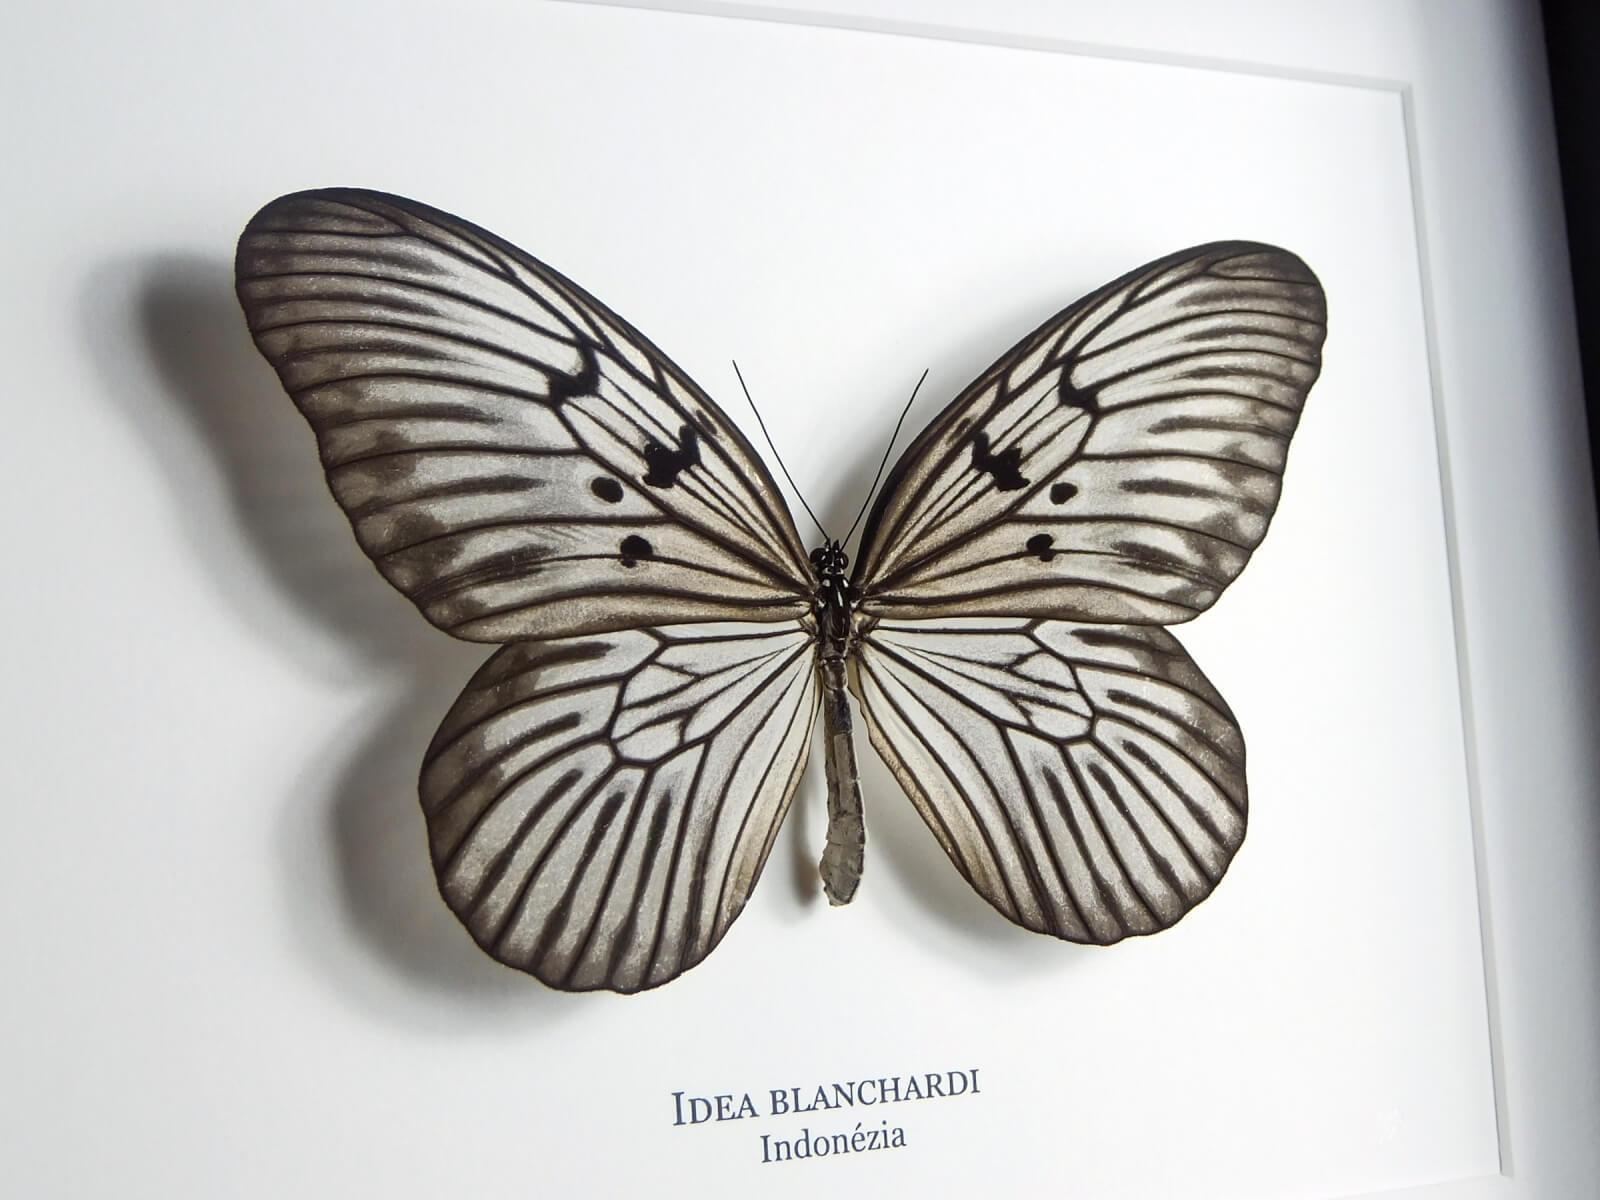 Idea blanchardi, fekete keretben   #1932